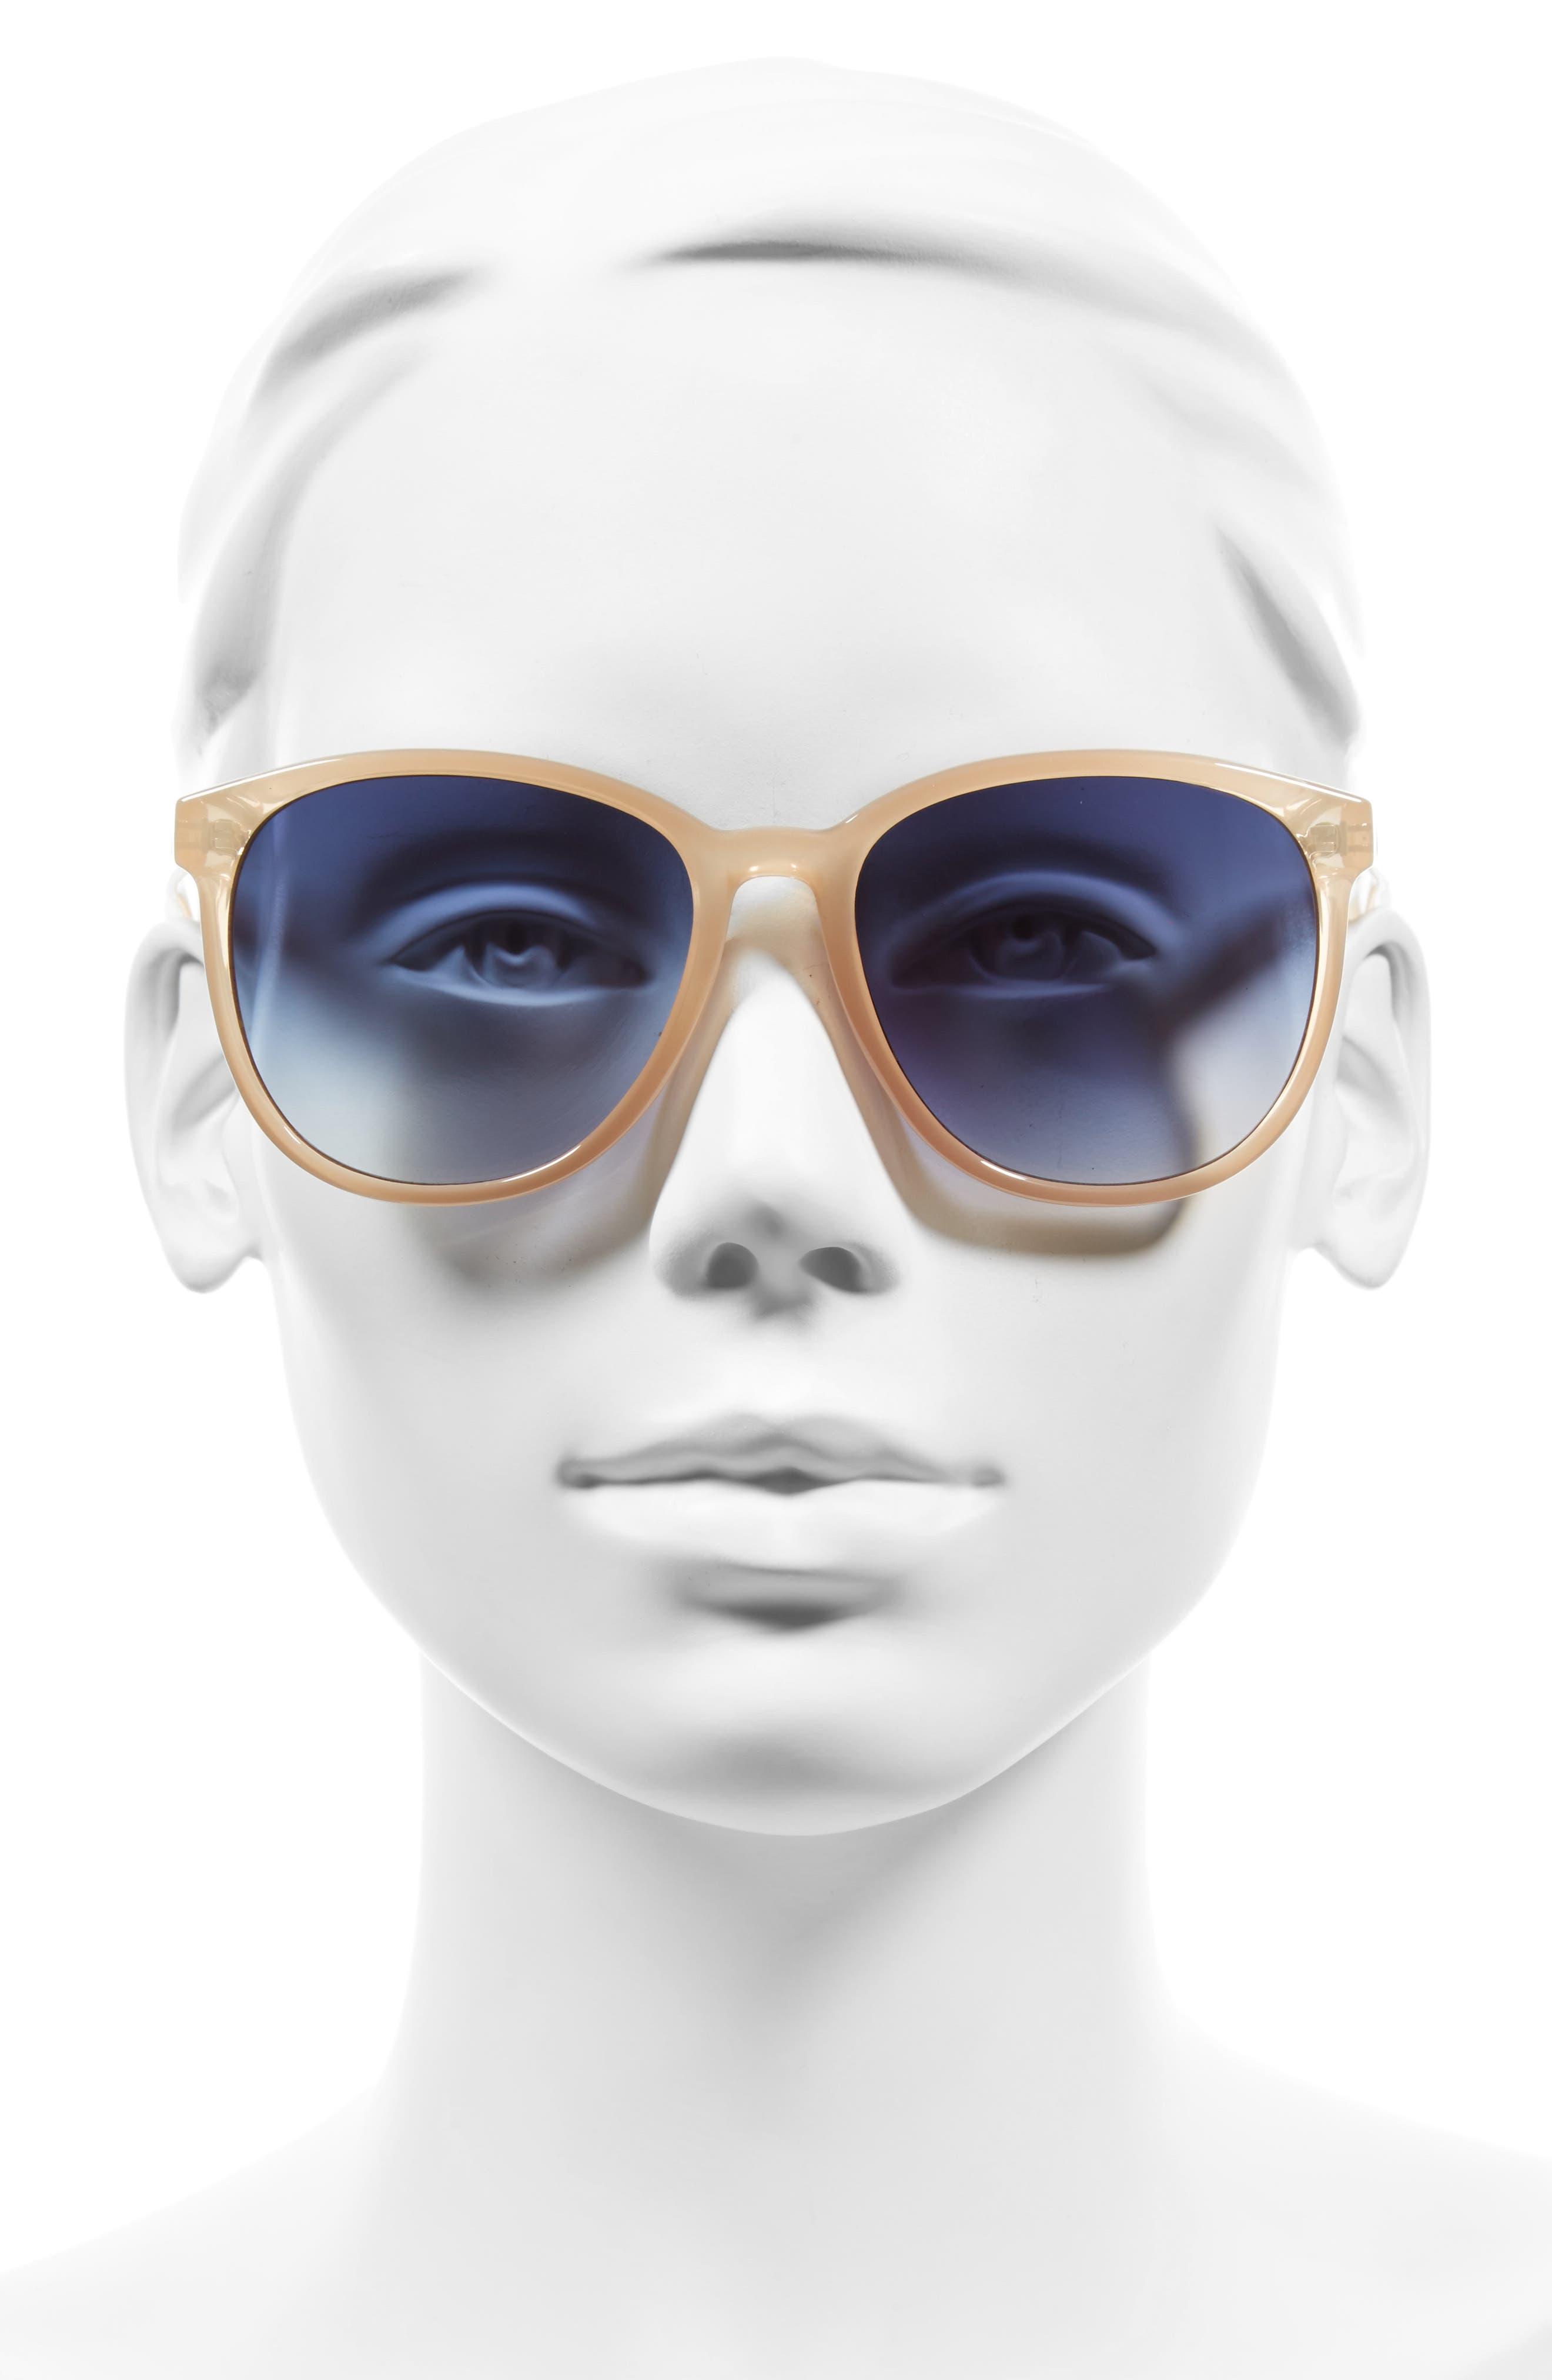 D'BLANC Afternoon Delight 56mm Gradient Lens Sunglasses,                             Alternate thumbnail 2, color,                             SPUMANTE OPAL/ GRADIENT